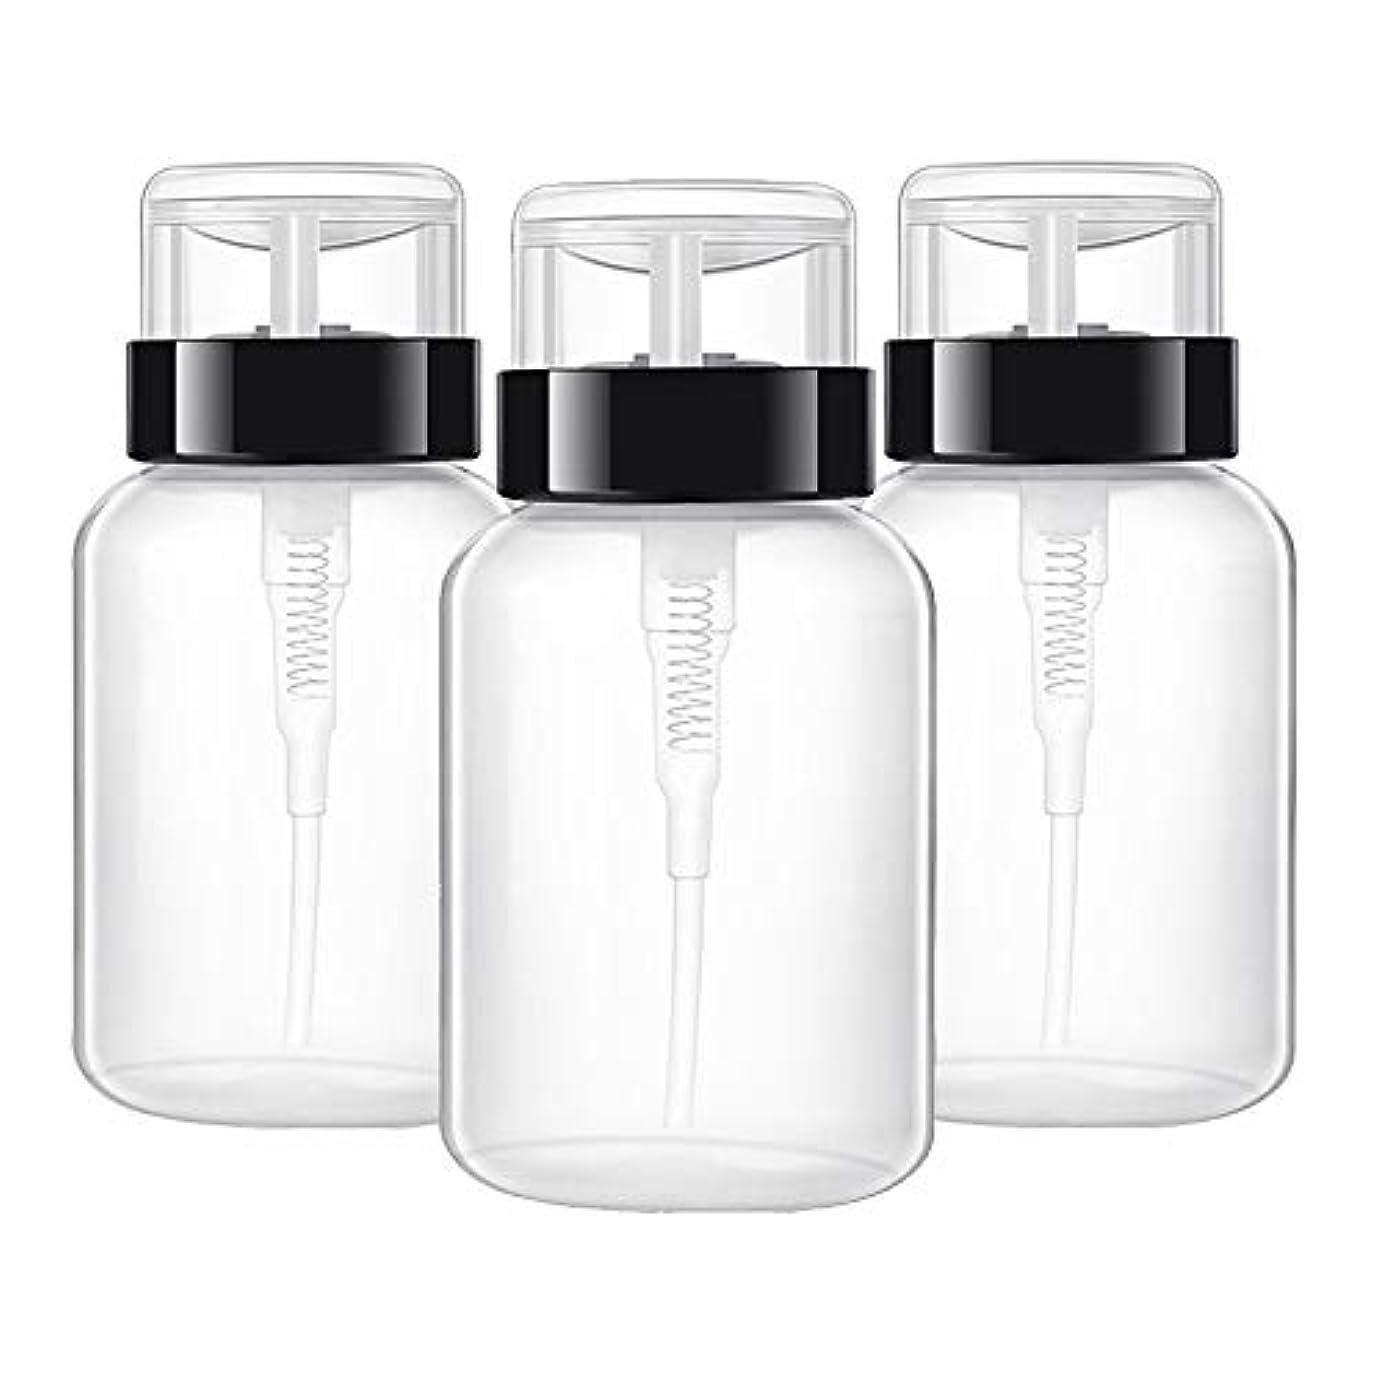 ストリップソートアコーマニキュアツールツール 空ポンプ ボトル ネイルクリーナーボトル ポンプディスペンサー ジェルクリーナー 200ミリリットル 3ピース